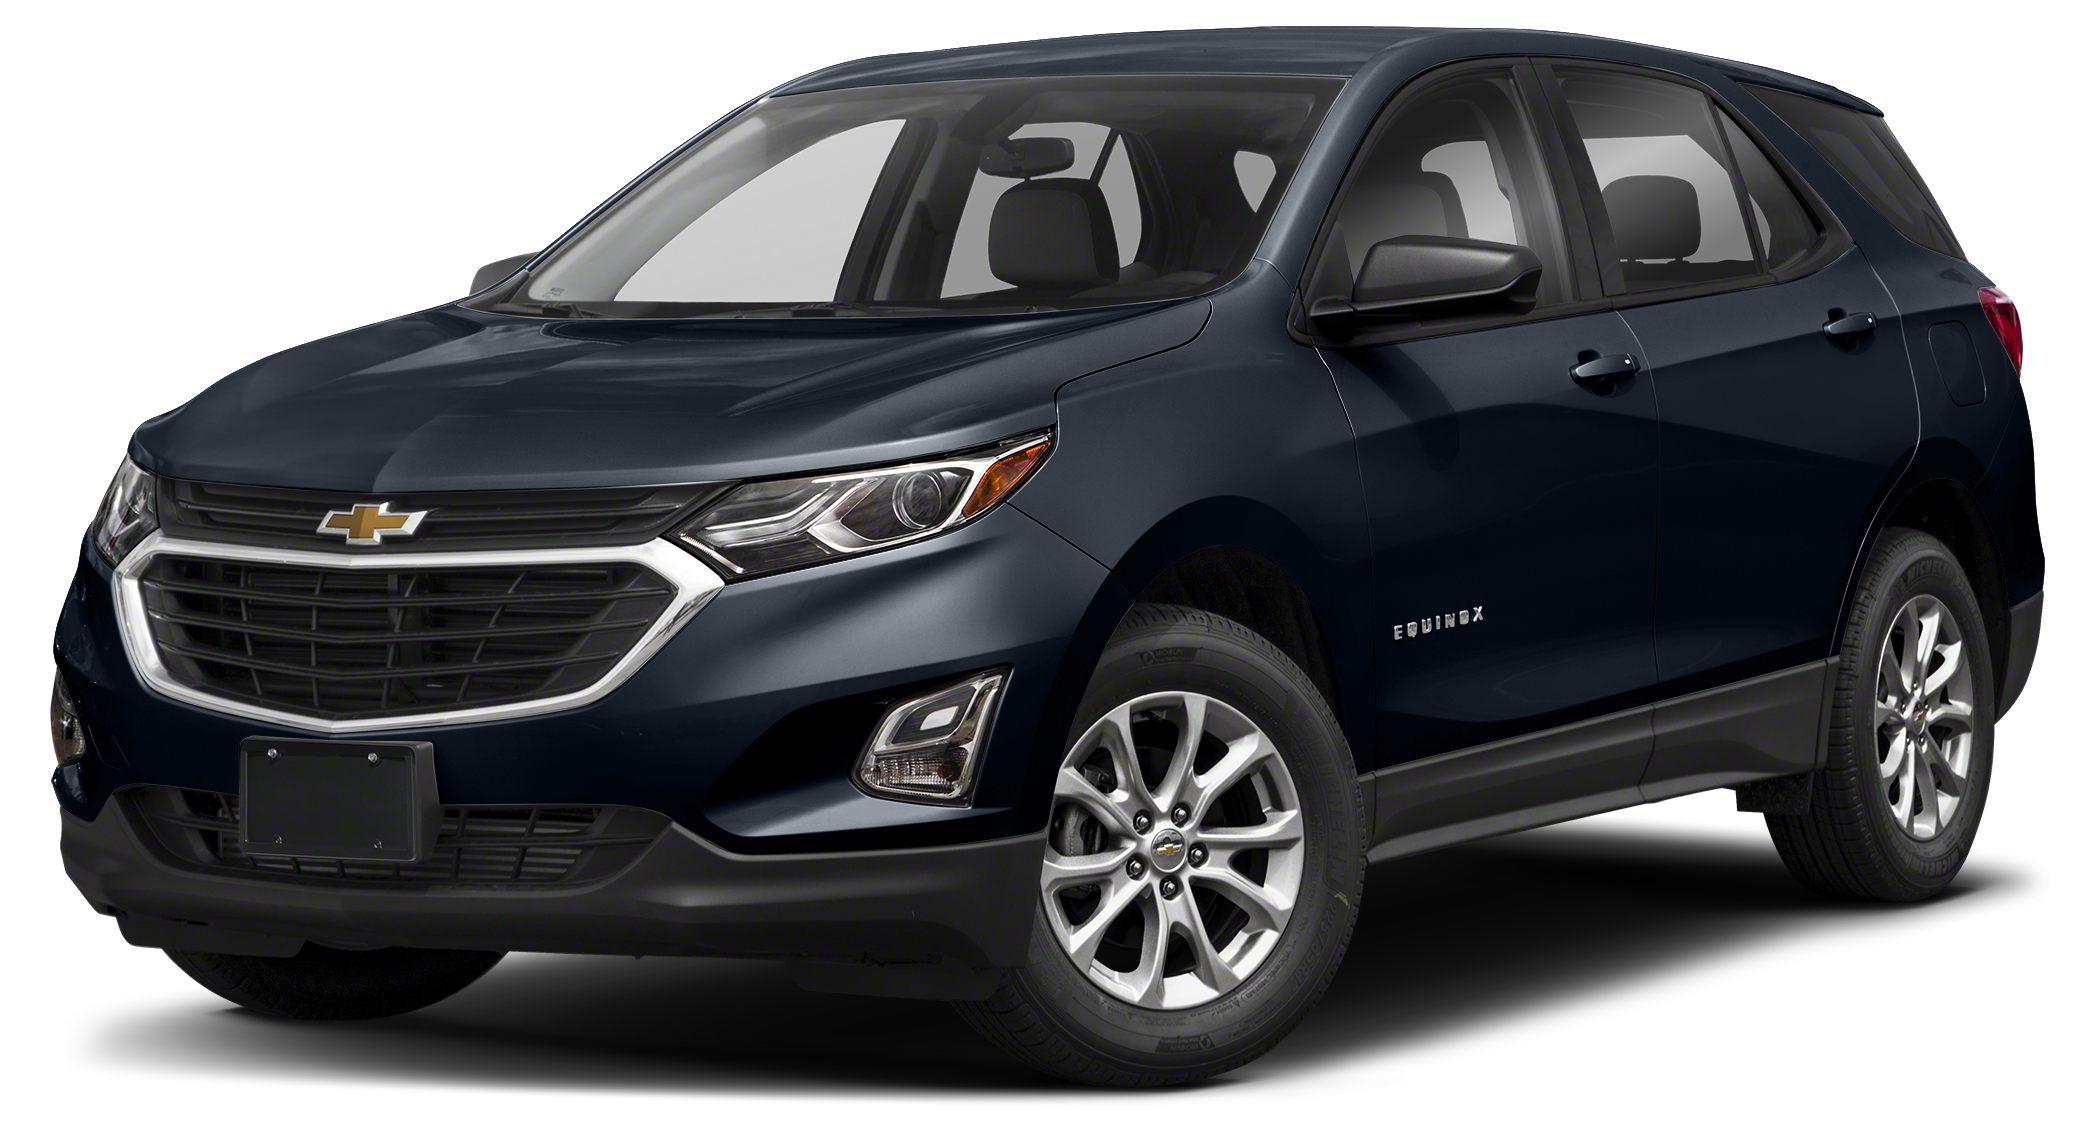 2018 Chevrolet Equinox LS FUEL EFFICIENT 32 MPG Hwy26 MPG City Back-Up Camera iPodMP3 Input E